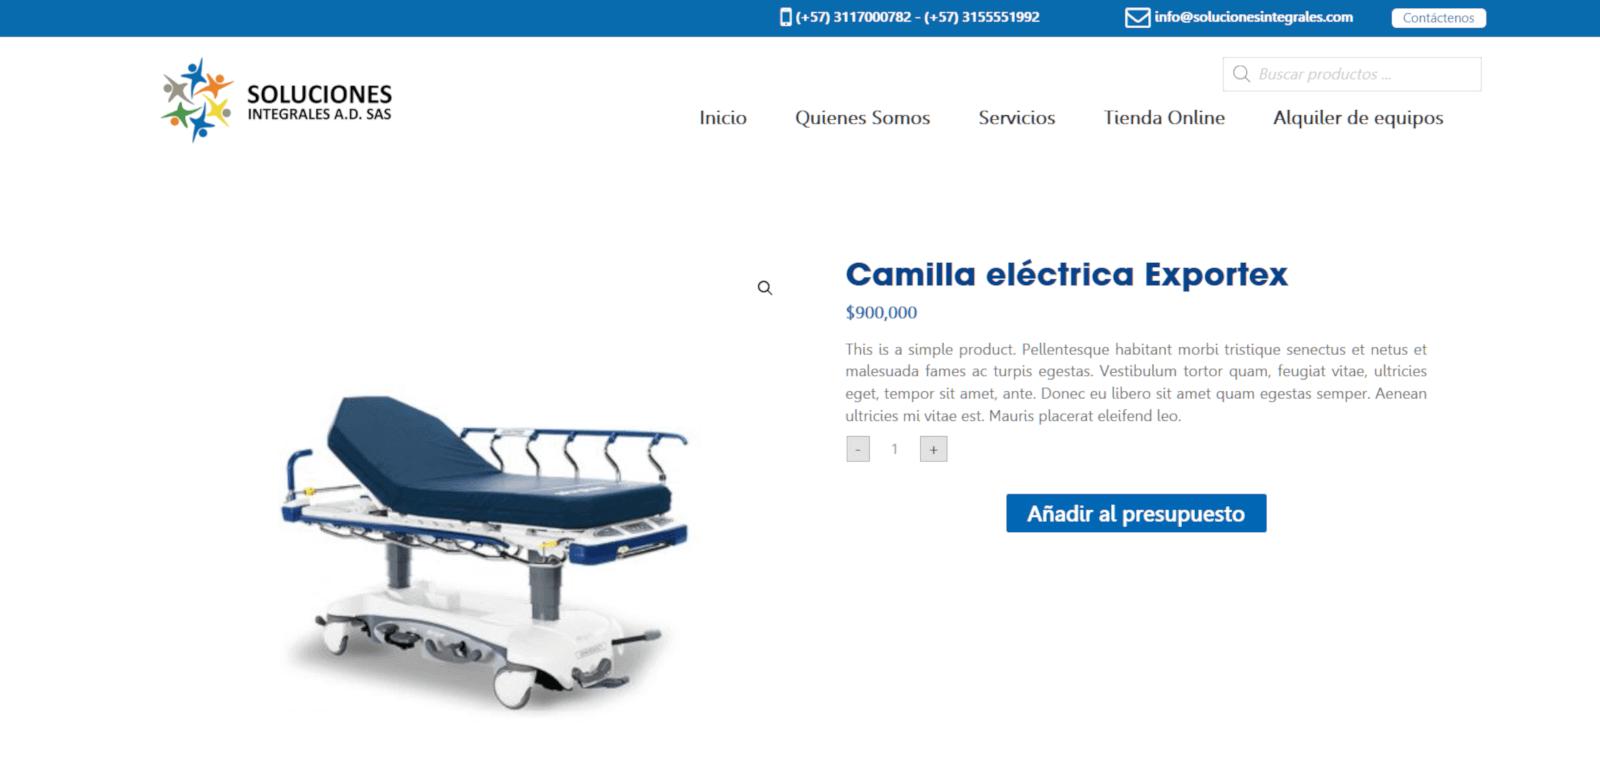 DETALLE PRODUCTO SOLUCIONES INTEGRALES JAGONZALEZ COLOMBIA PAGINA WEB